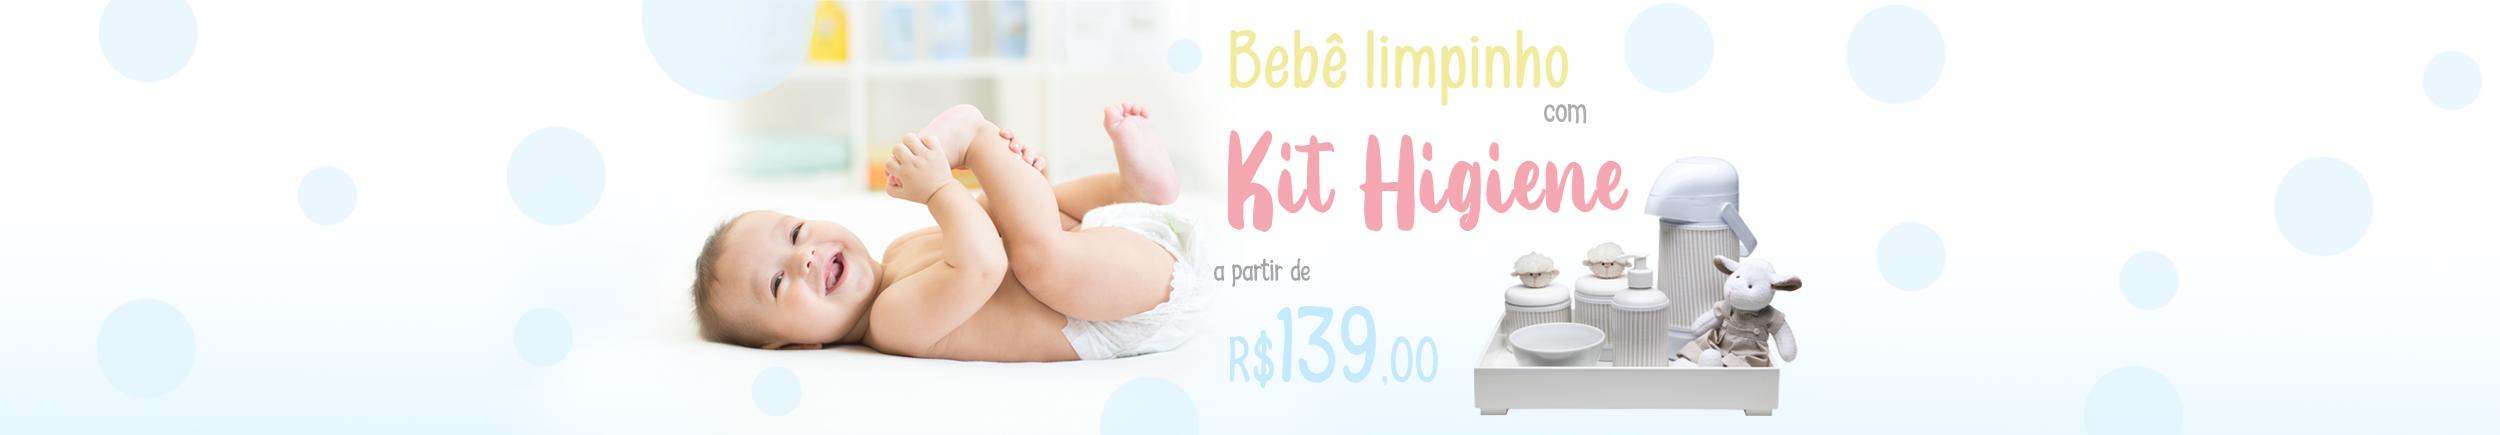 Banner Home- Kit Higiene